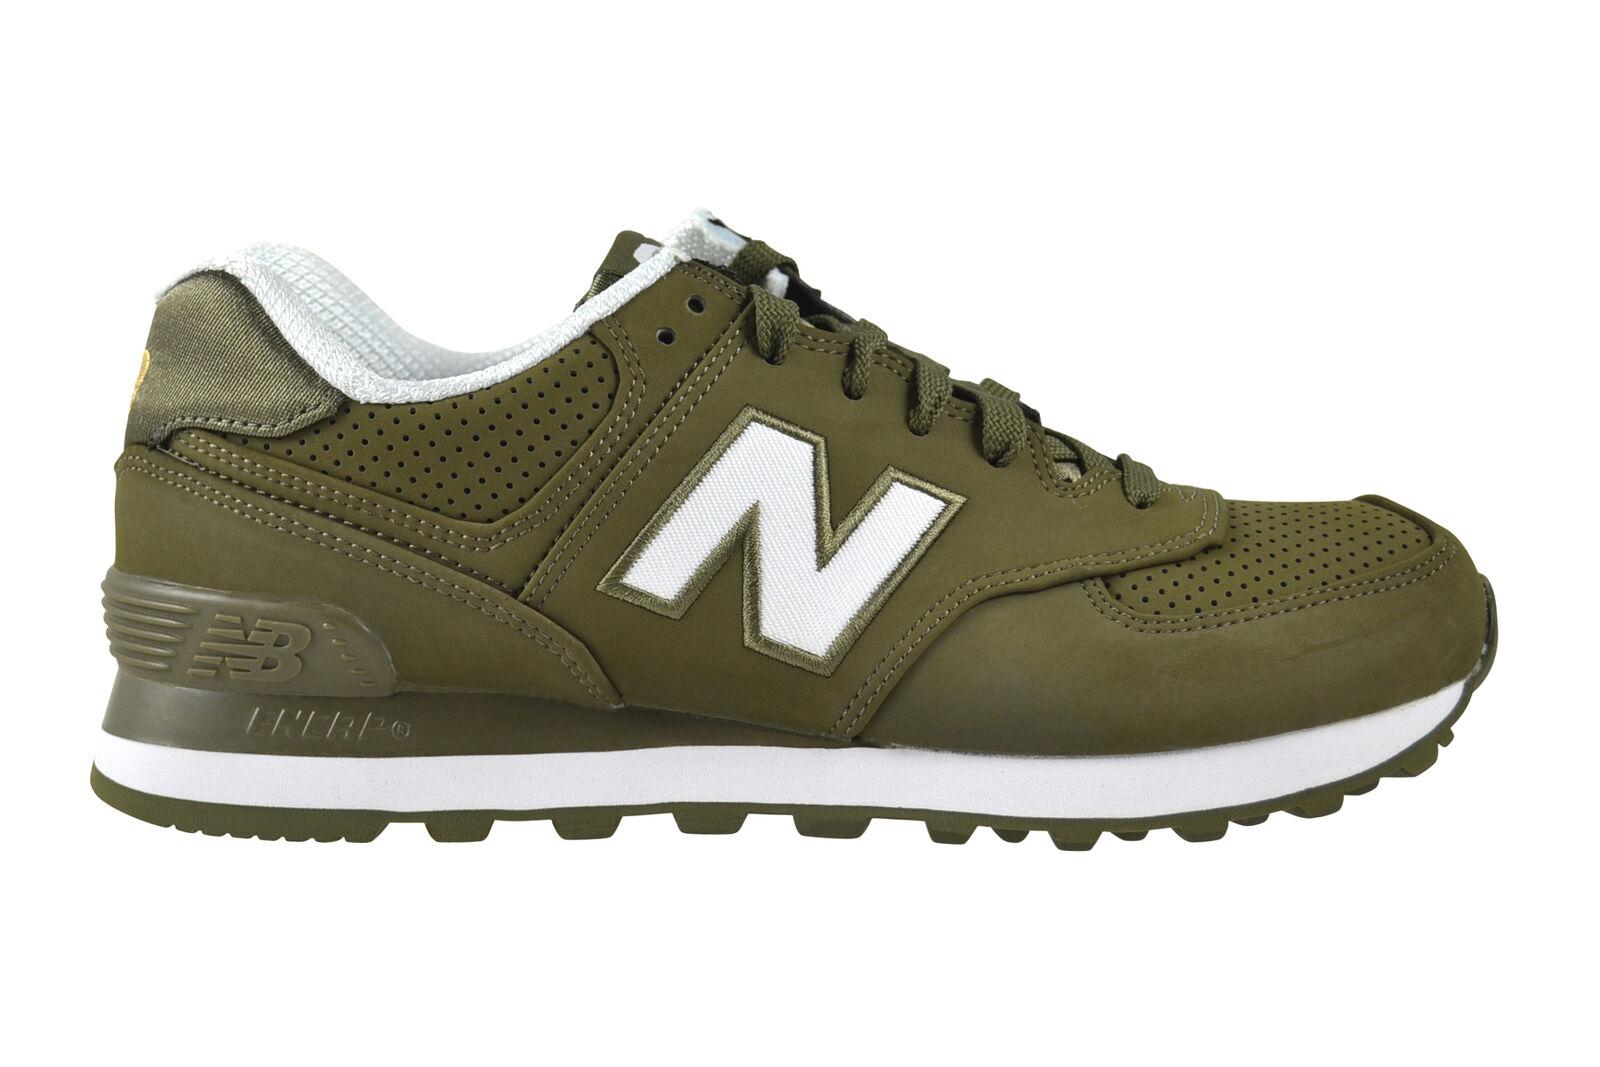 New Balance Chaussures ml574 SKG Vivid Jade Chaussures Balance Sneaker Vert aab514